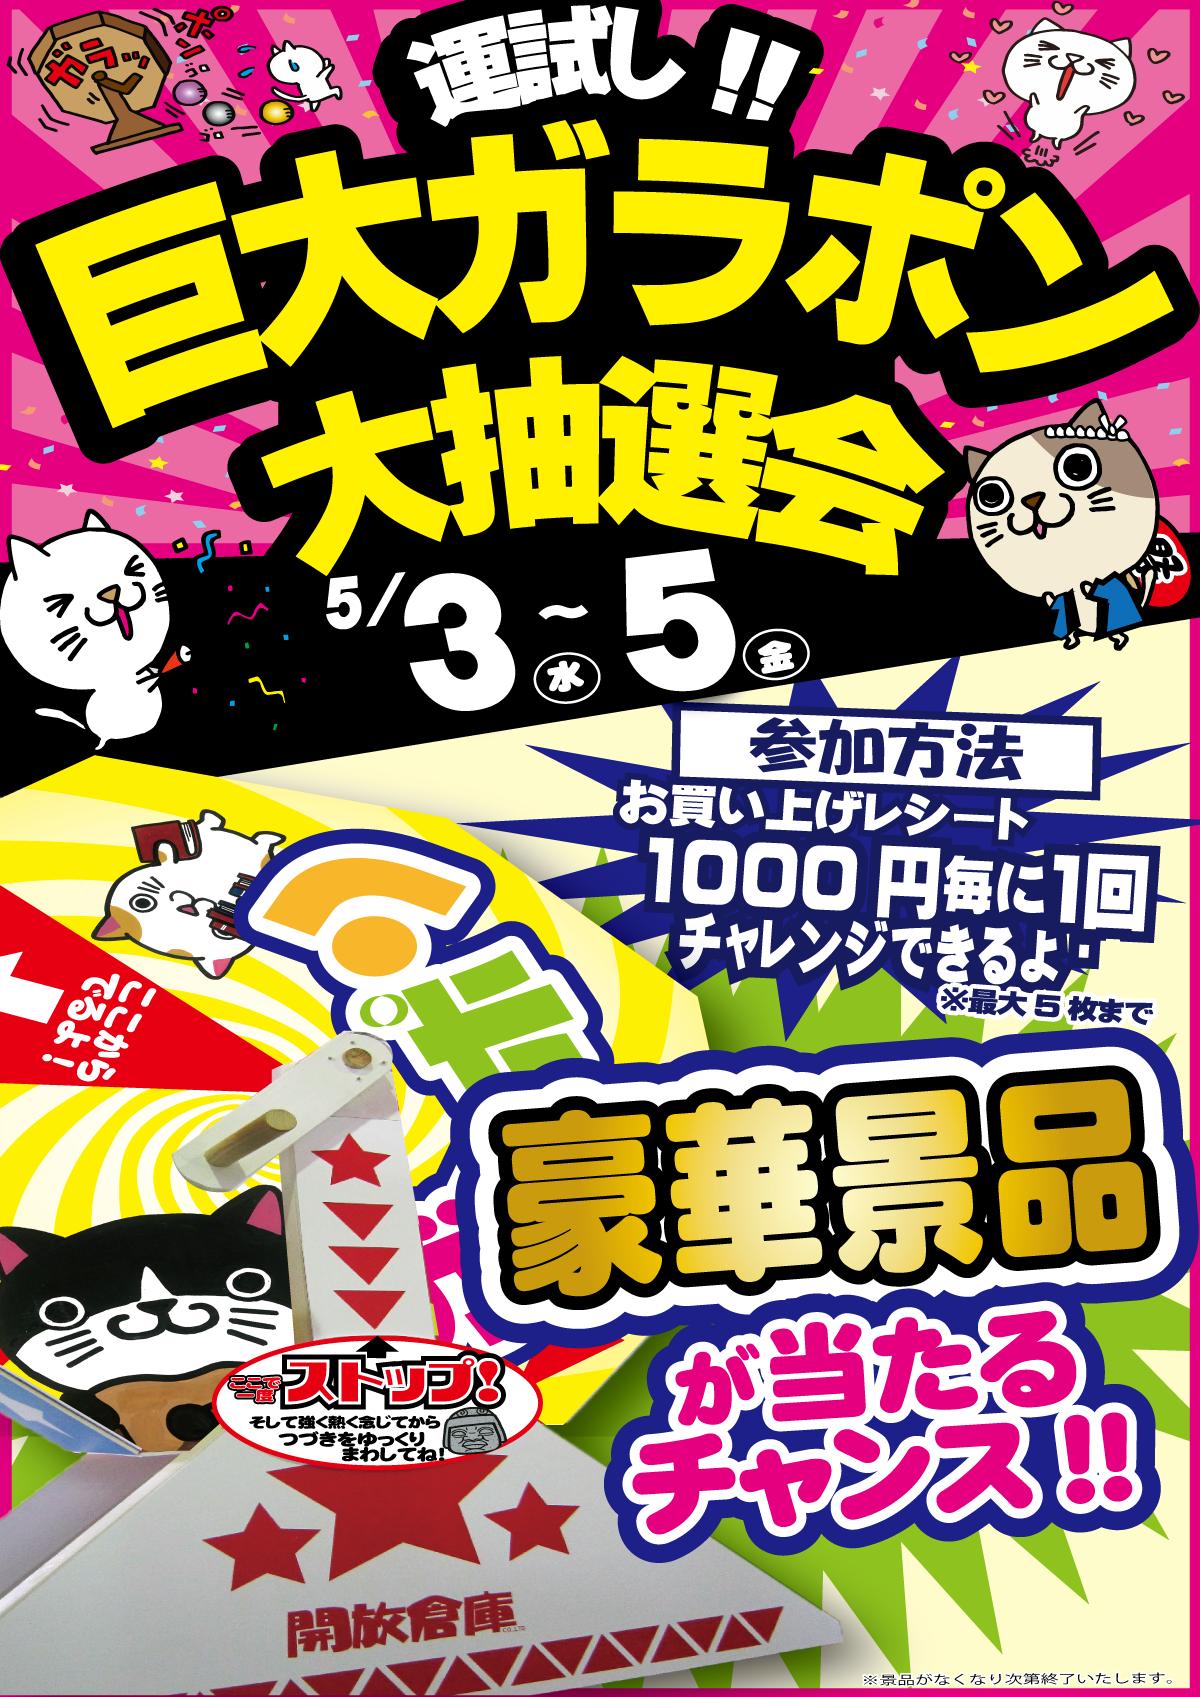 「開放倉庫桜井店」2017年5月3~5日の3日間は、運試し!巨大ガラポン大抽選会を開催!!